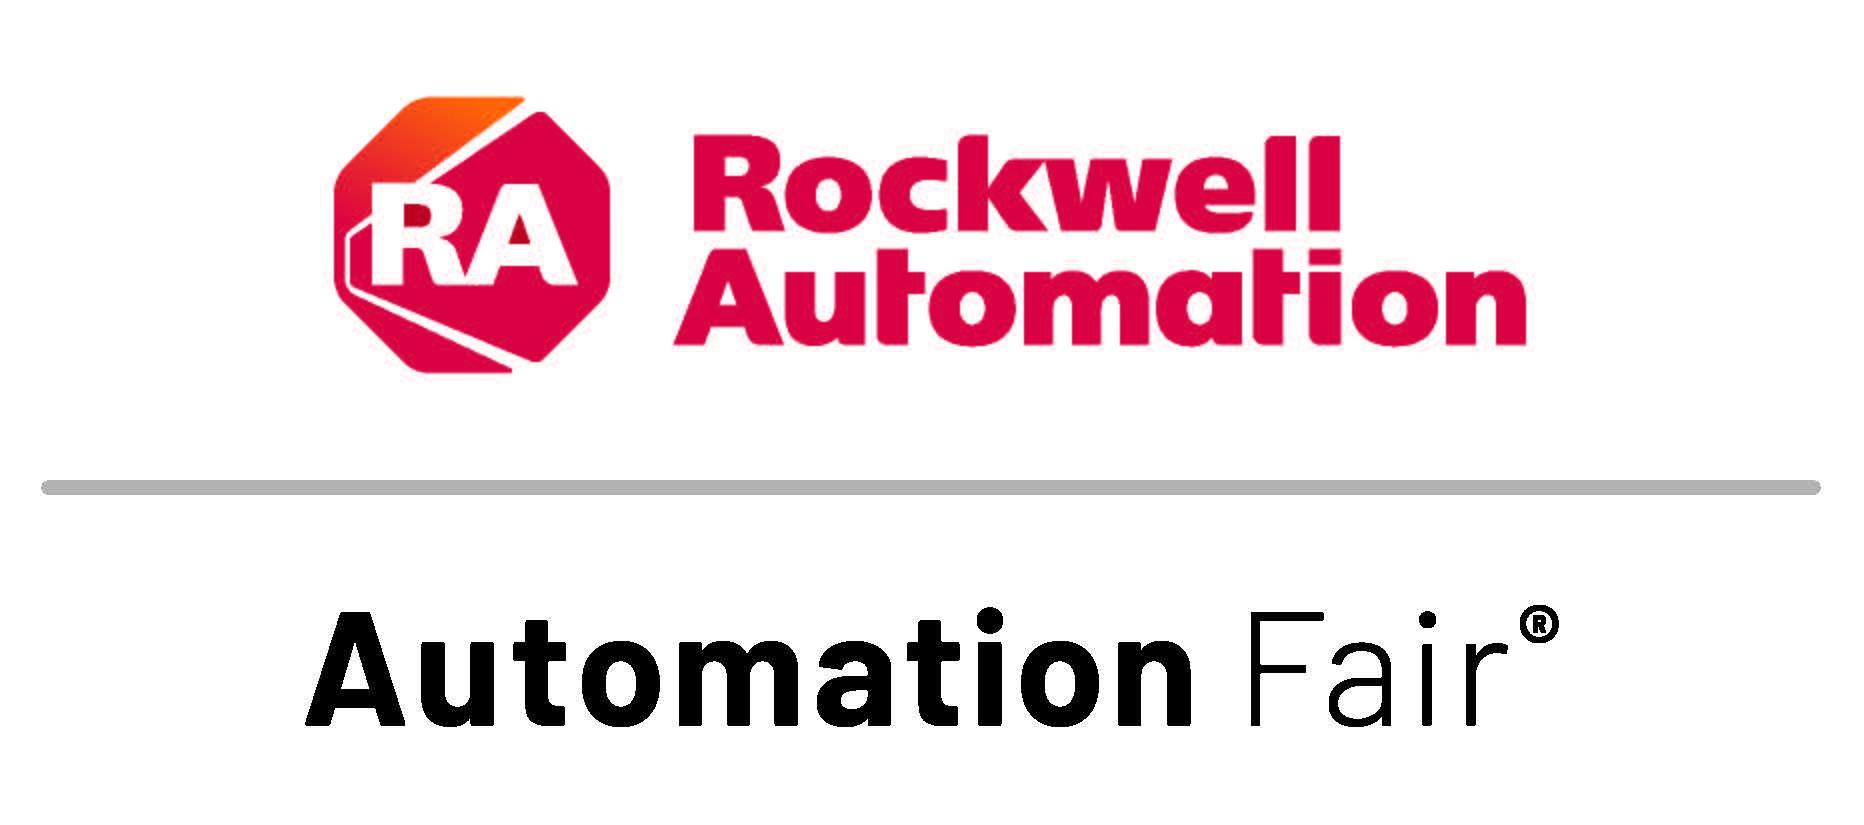 Automation Fair 2020 Logo